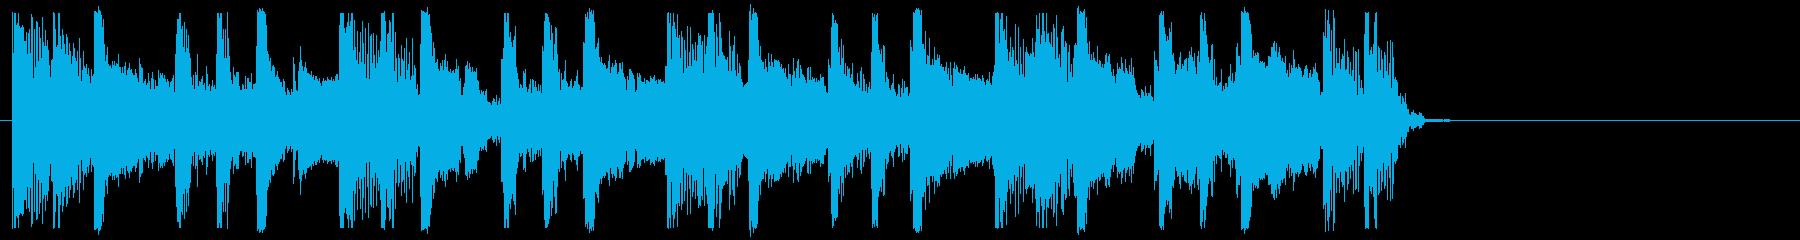 エレキギター・ストンプ・クラップジングルの再生済みの波形